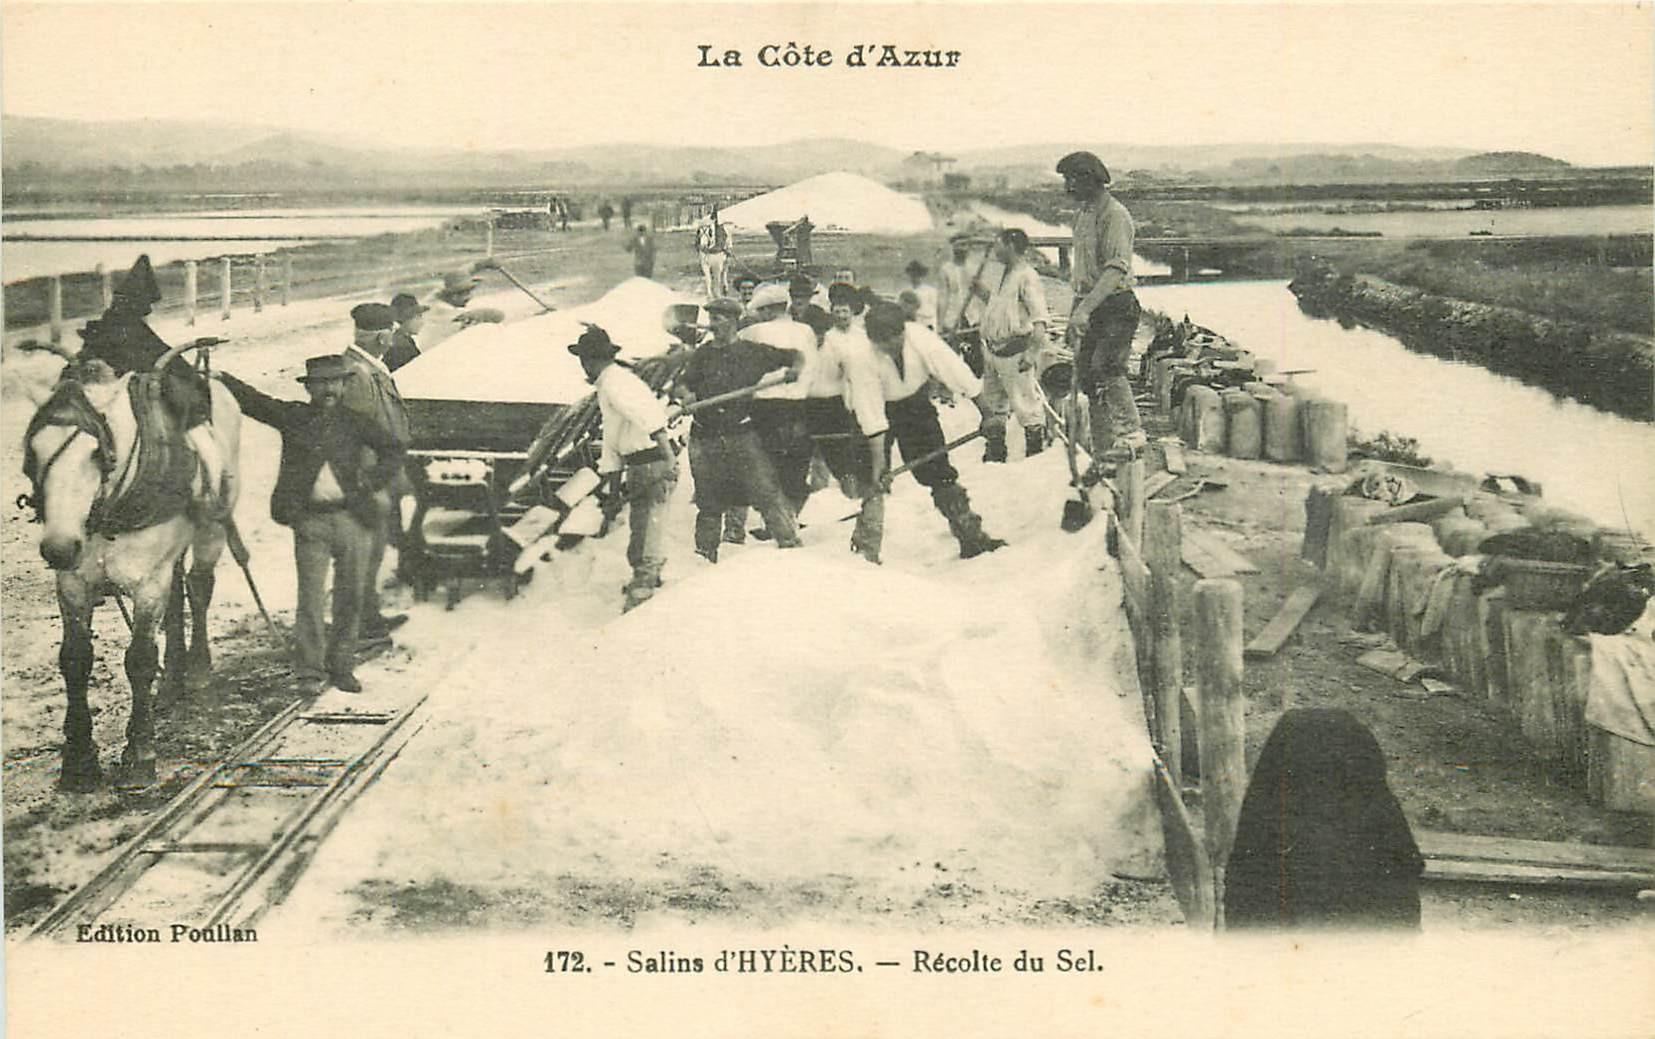 83 HYERES. Récolte du Sel aux salins et transport par wagonnets et Chevaux